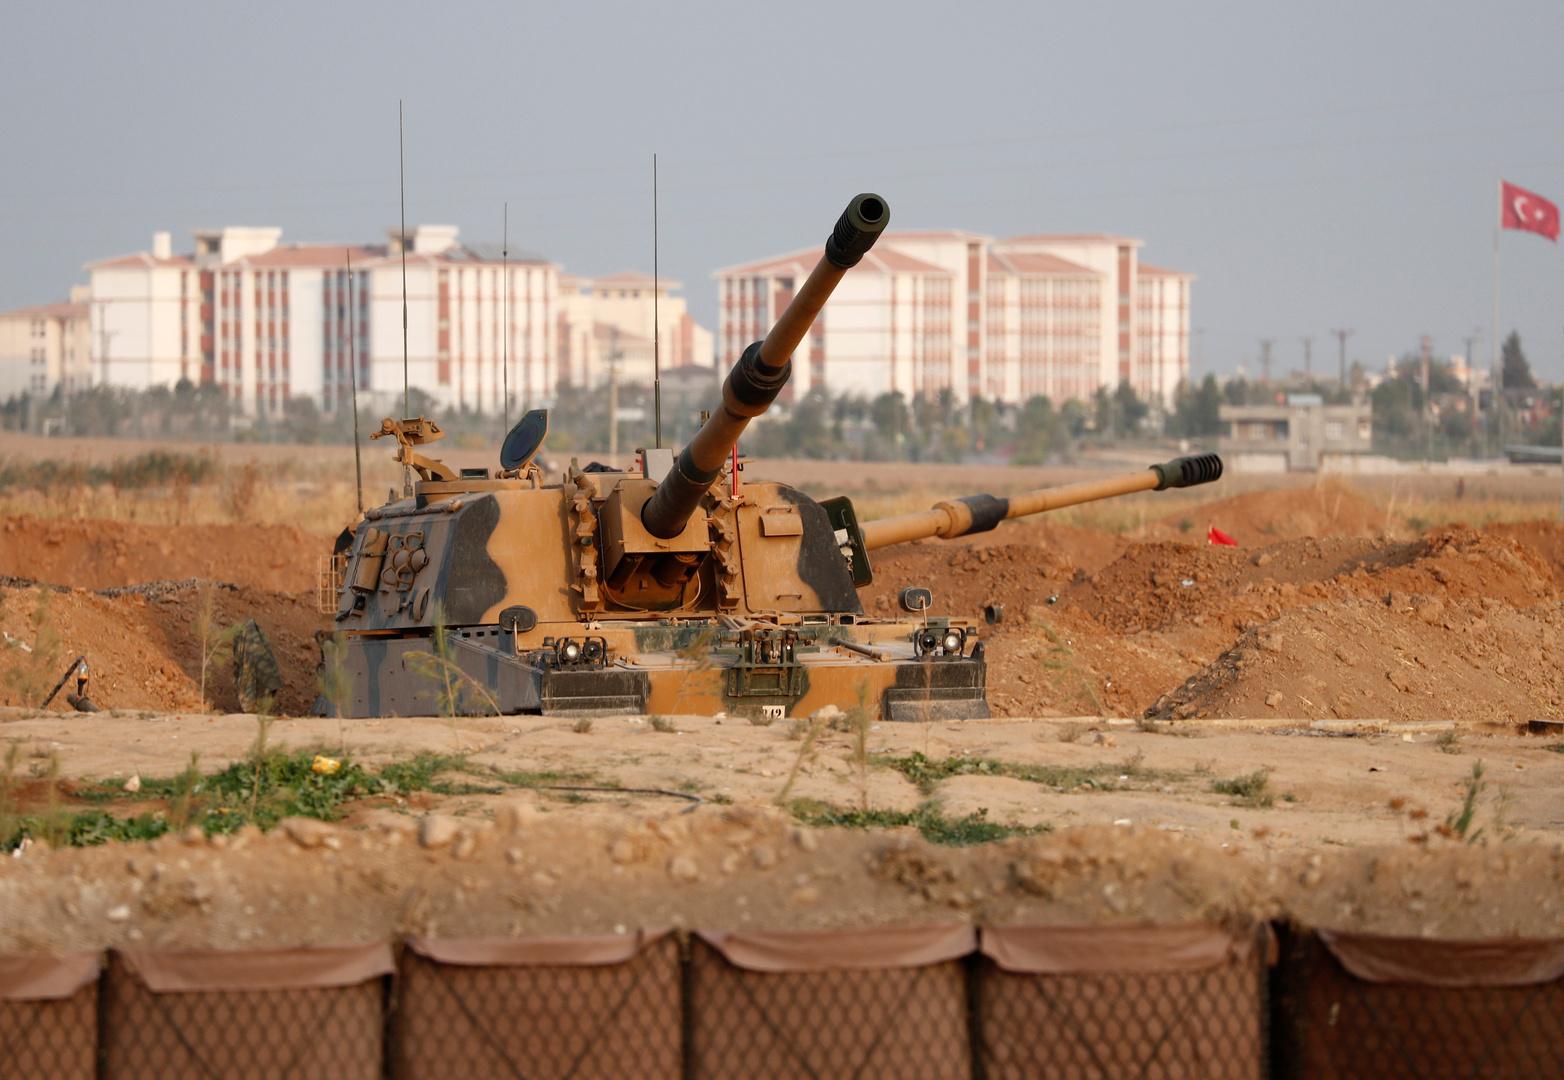 آلية عسكرية تركية-أرشيف